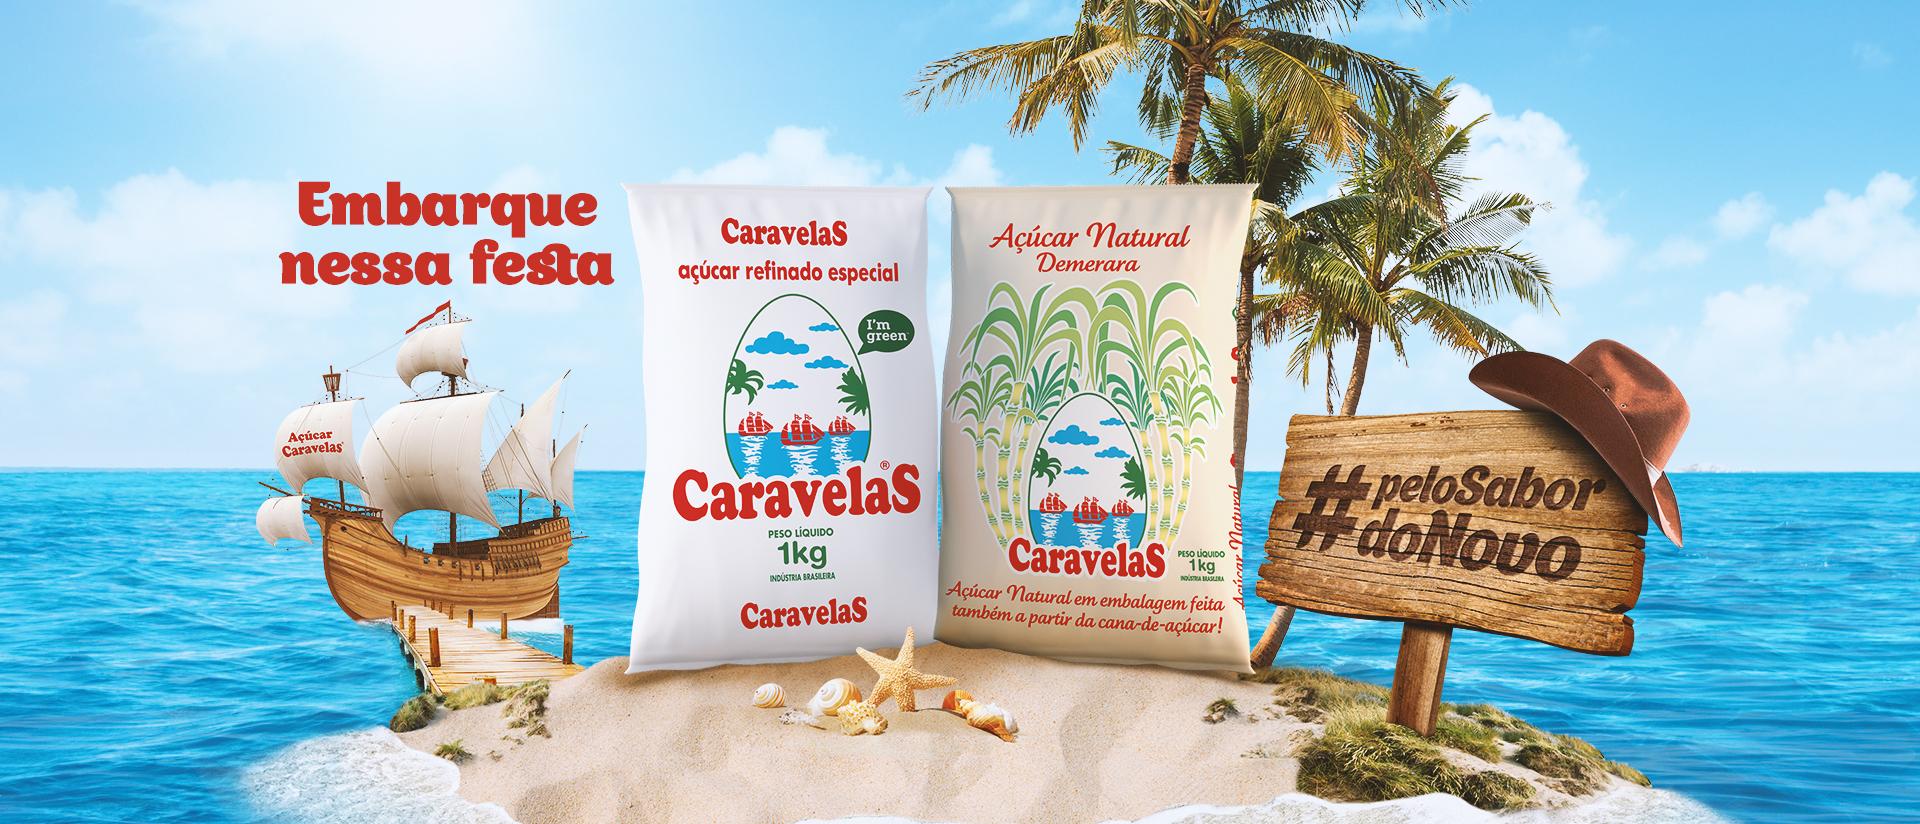 Açúcar Caravelas #pelosabordonovo